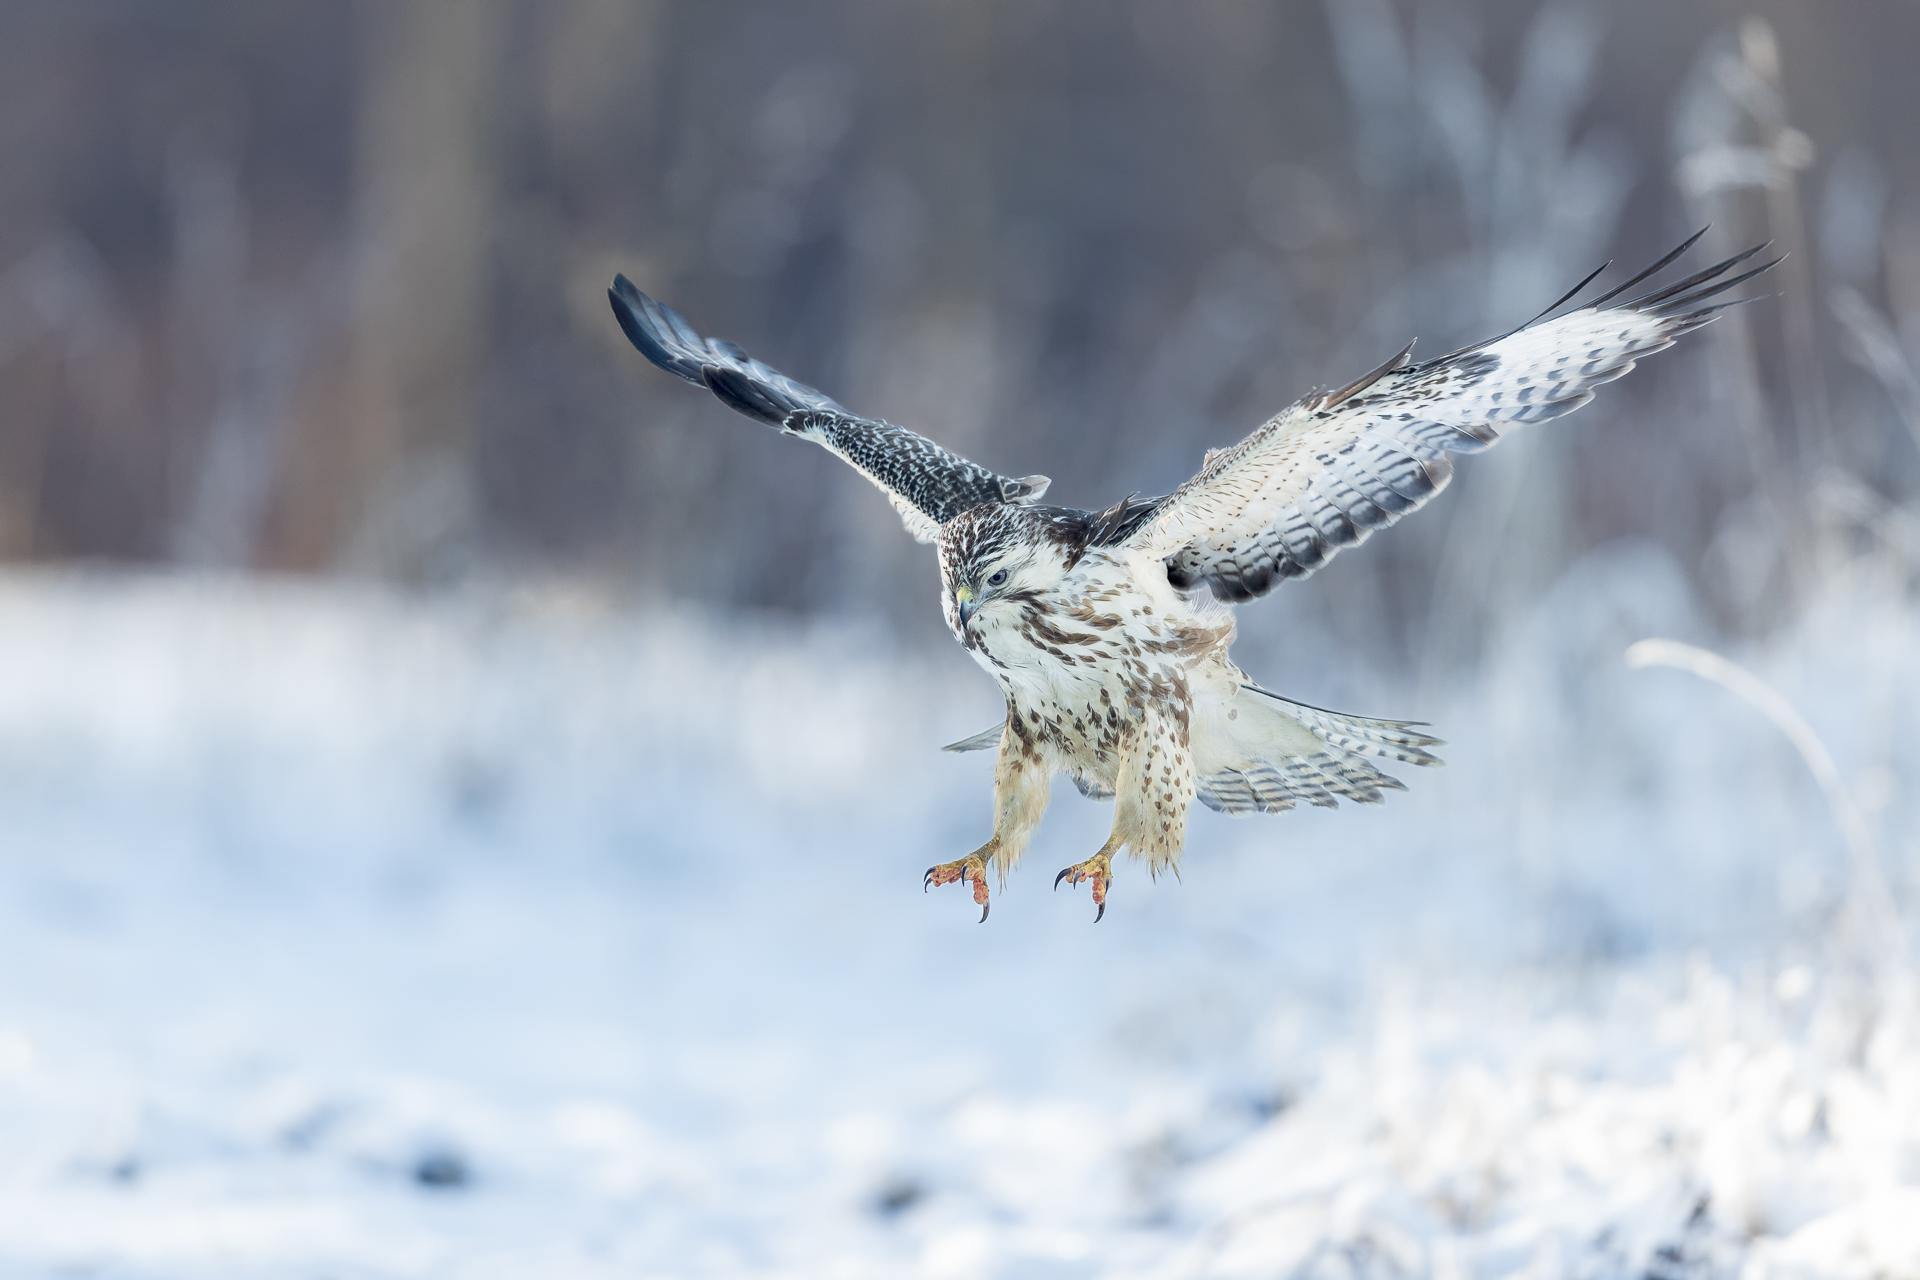 Der Bussard ist der weitverbreiteste Greifvogel, da er sich sehr gut anpassen kann. Foto: Eric Dienesch